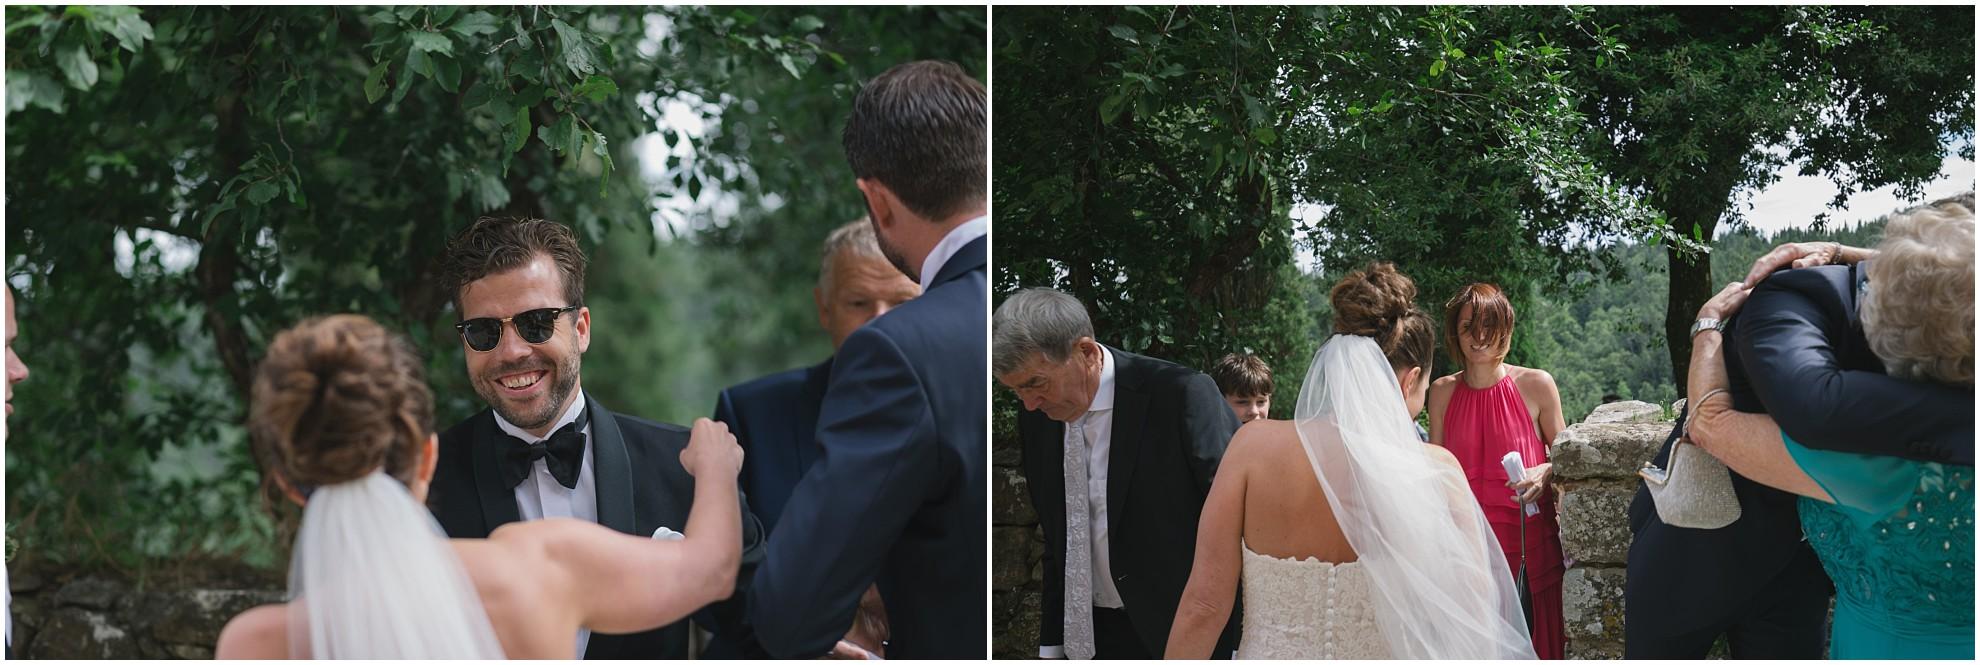 tuscany-wedding-photographer-042